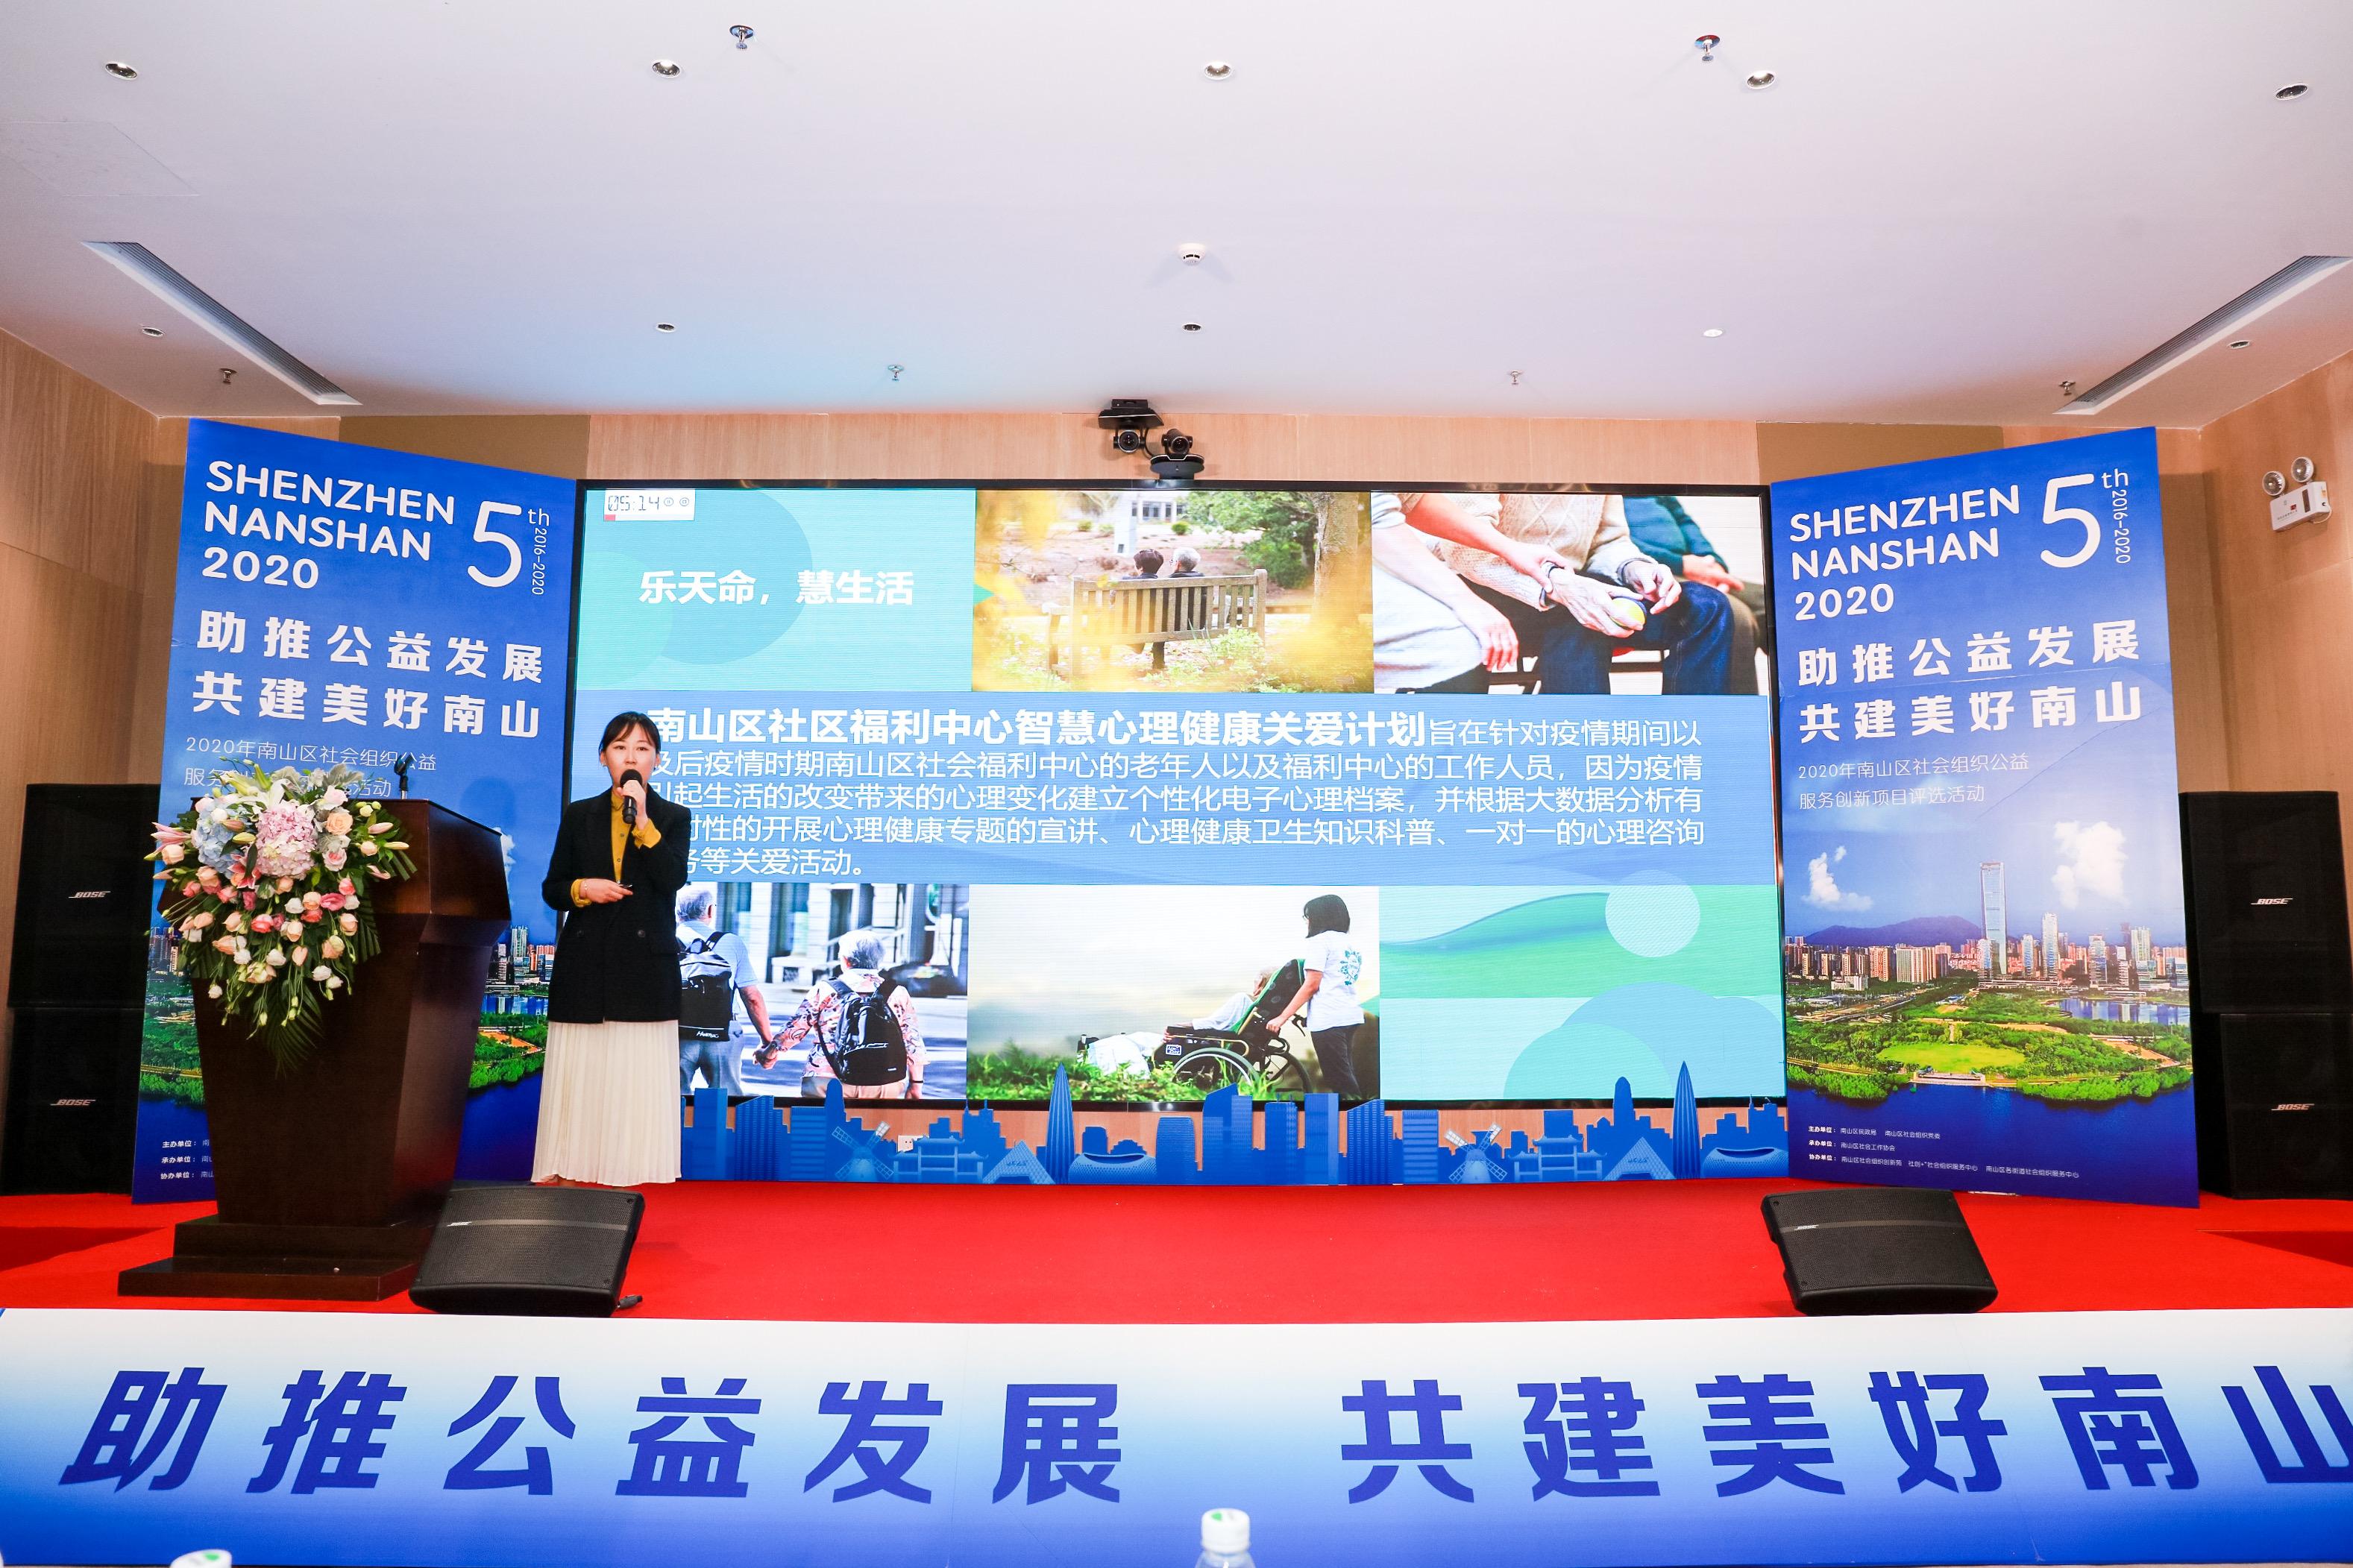 2020年深圳市南山区社会组织公益服务创新项目评选活动决赛收官